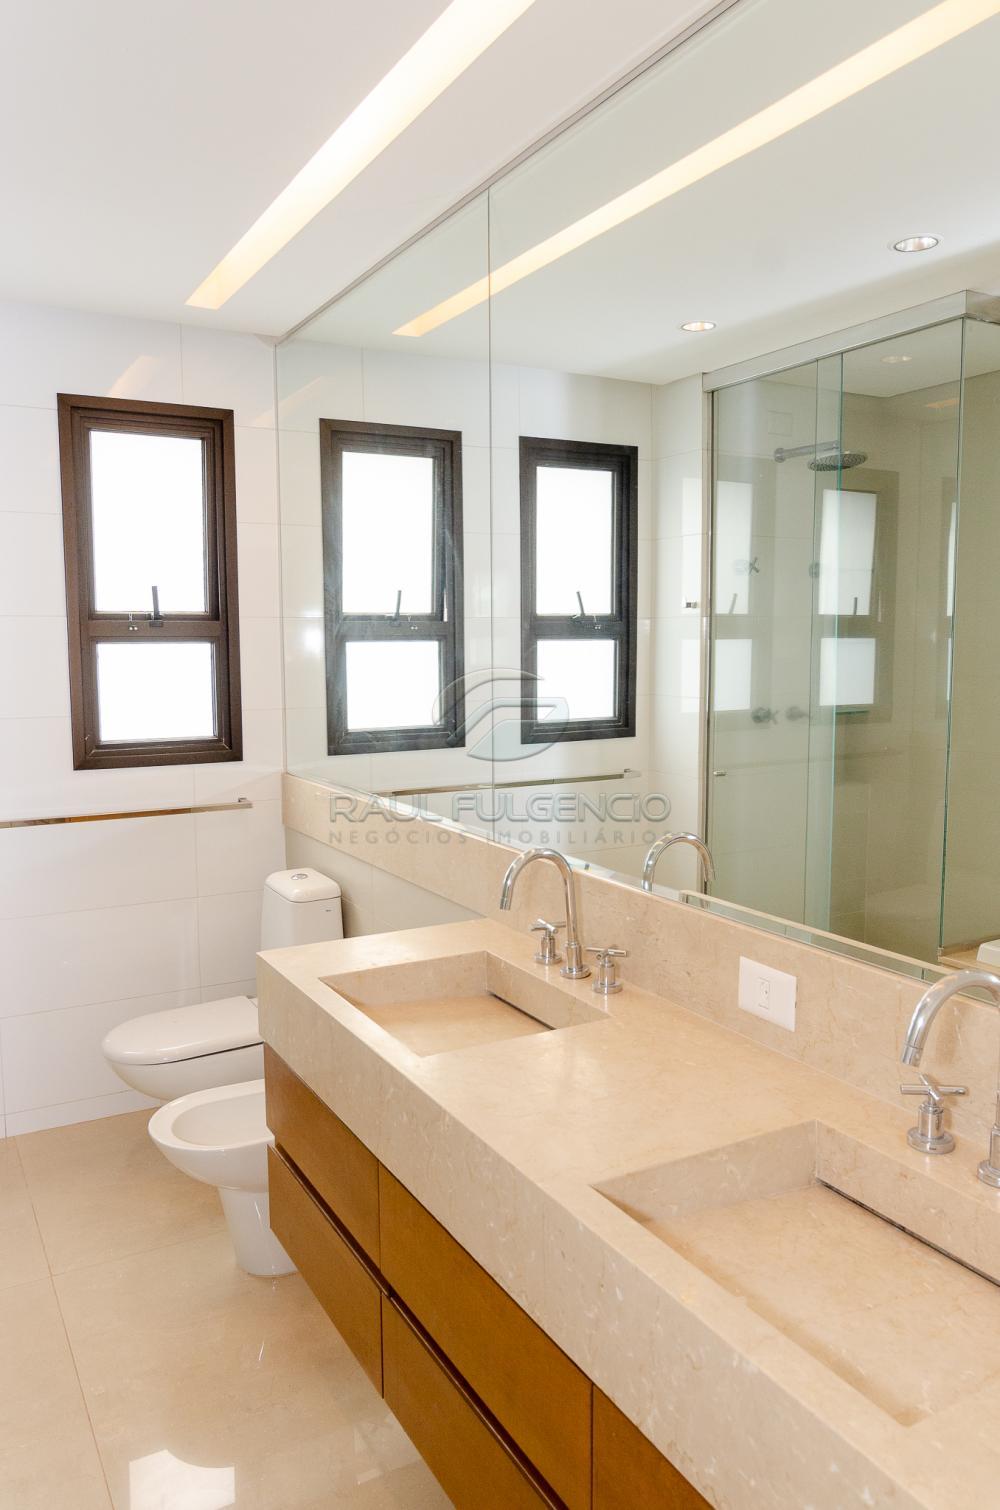 Comprar Apartamento / Padrão em Londrina apenas R$ 1.599.000,00 - Foto 9